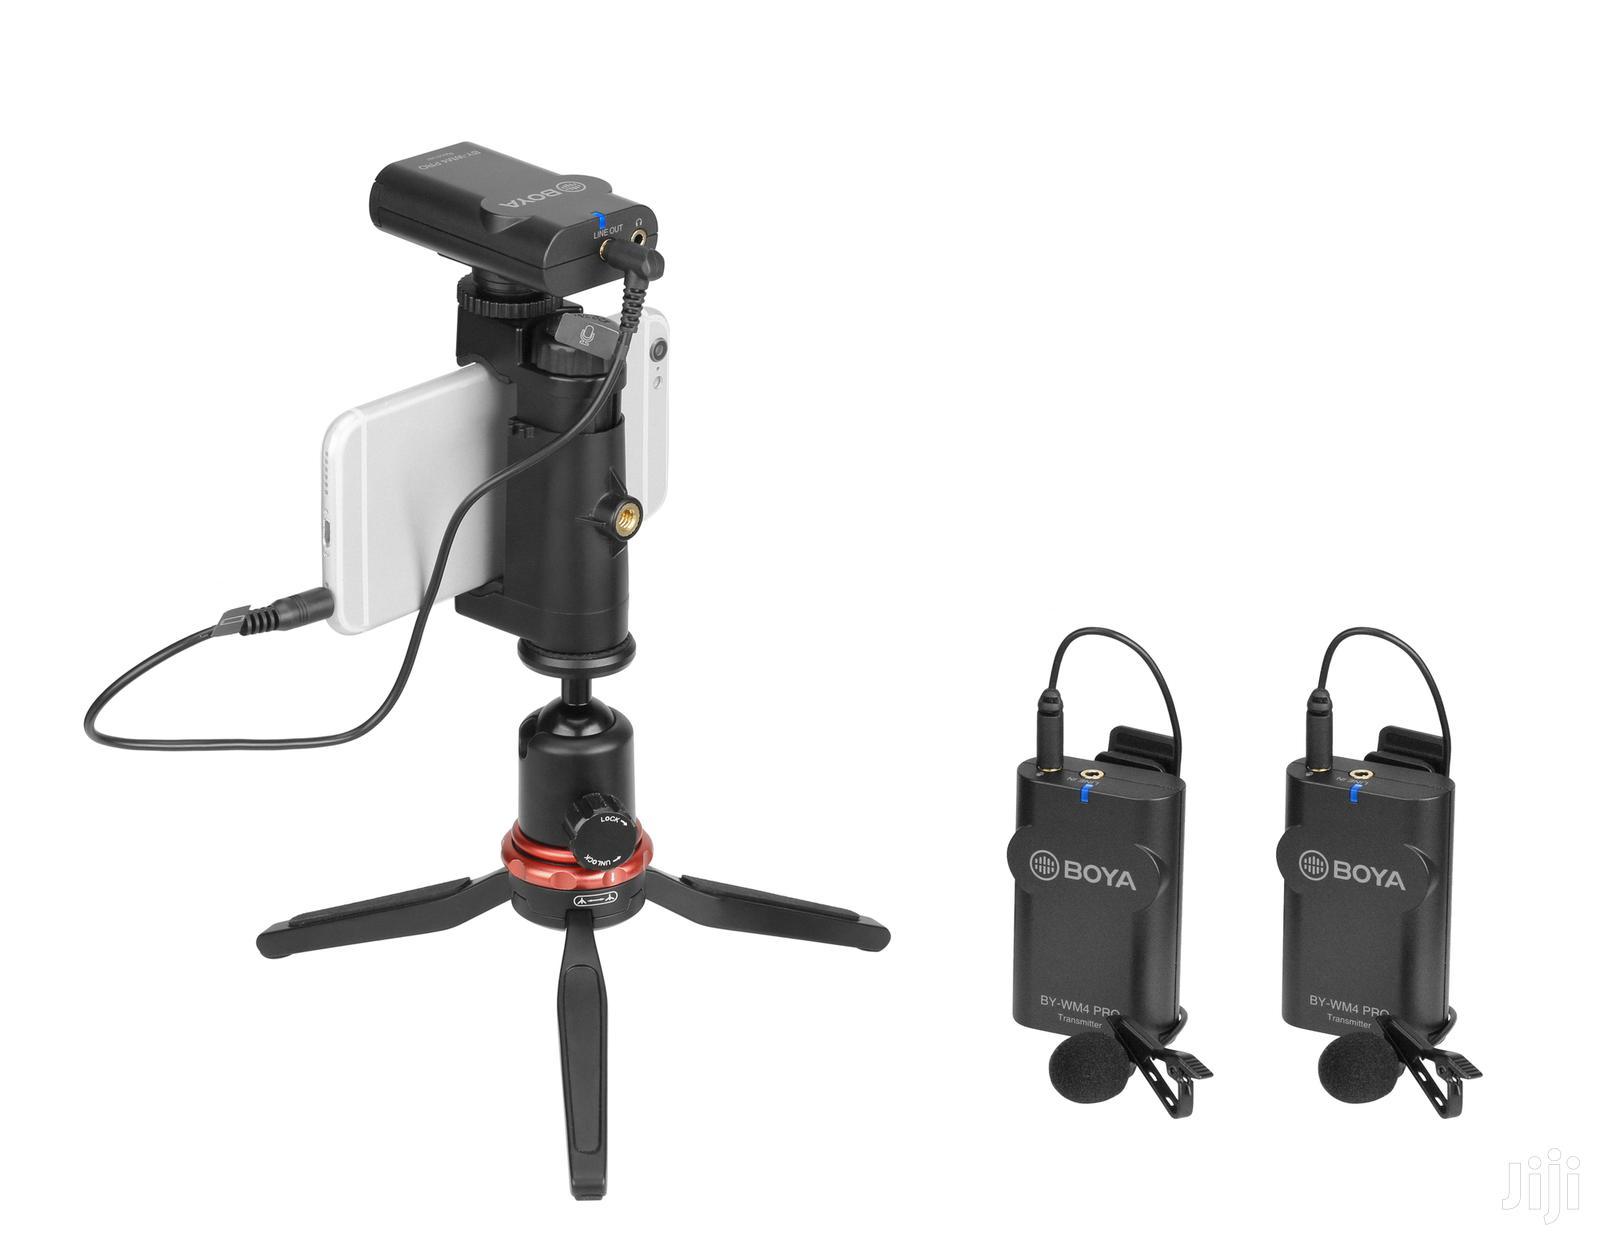 Archive: BY-WM4 Pro K2 Dual-channel Digital Wireless Microphone